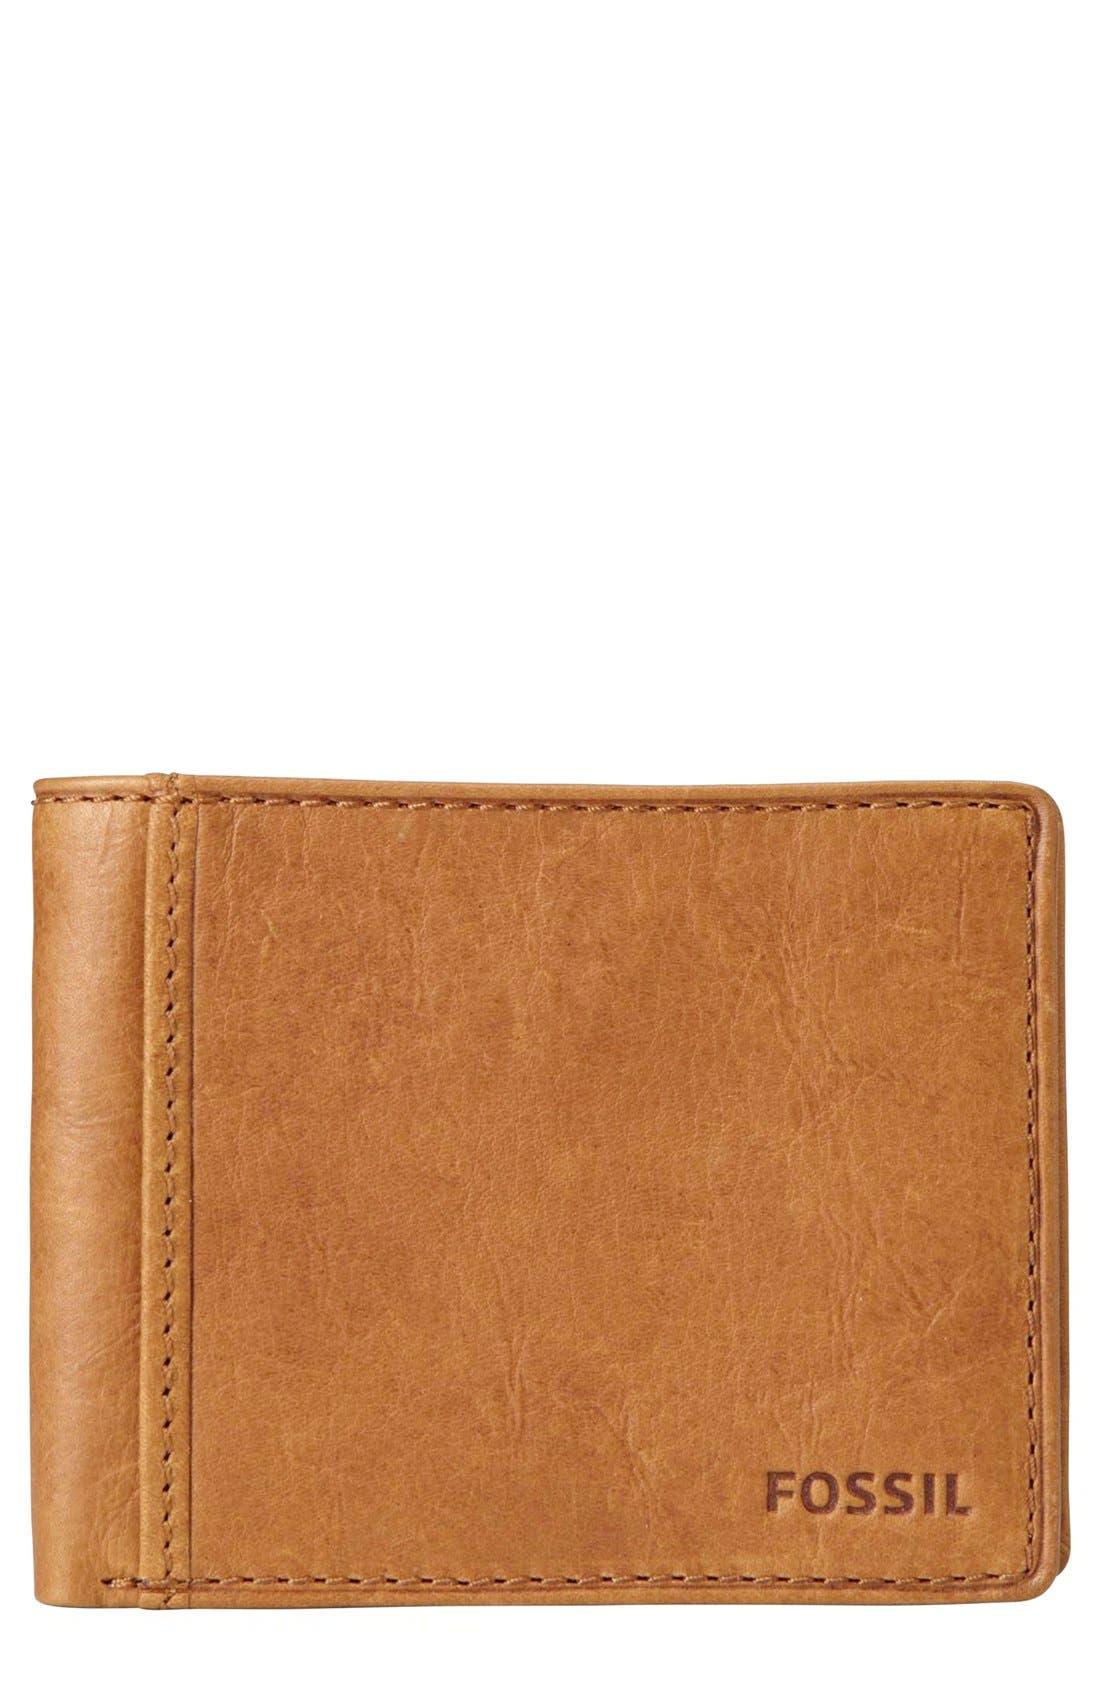 Main Image - Fossil Ingram Traveler Wallet